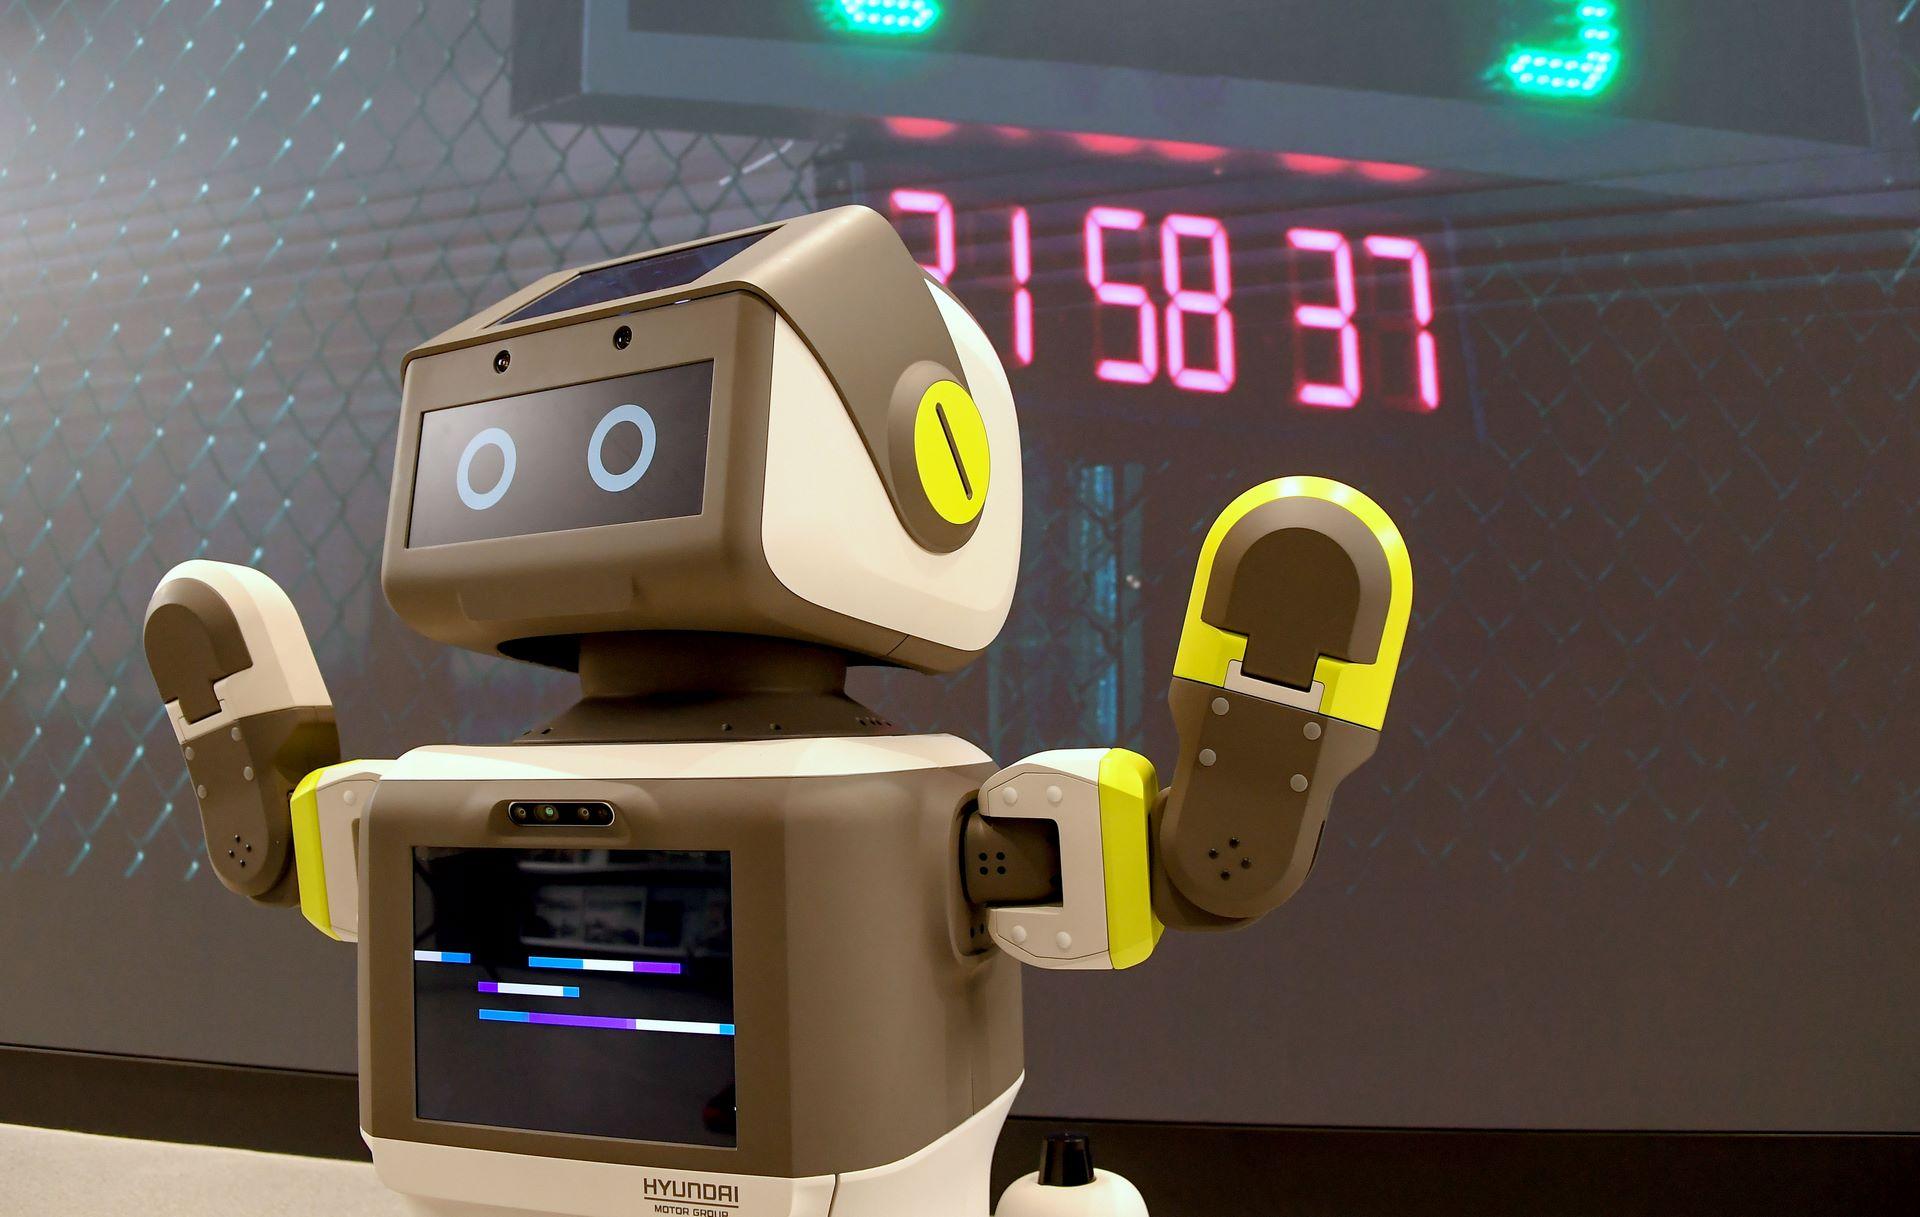 Hyundai-DAL-e-robot-3